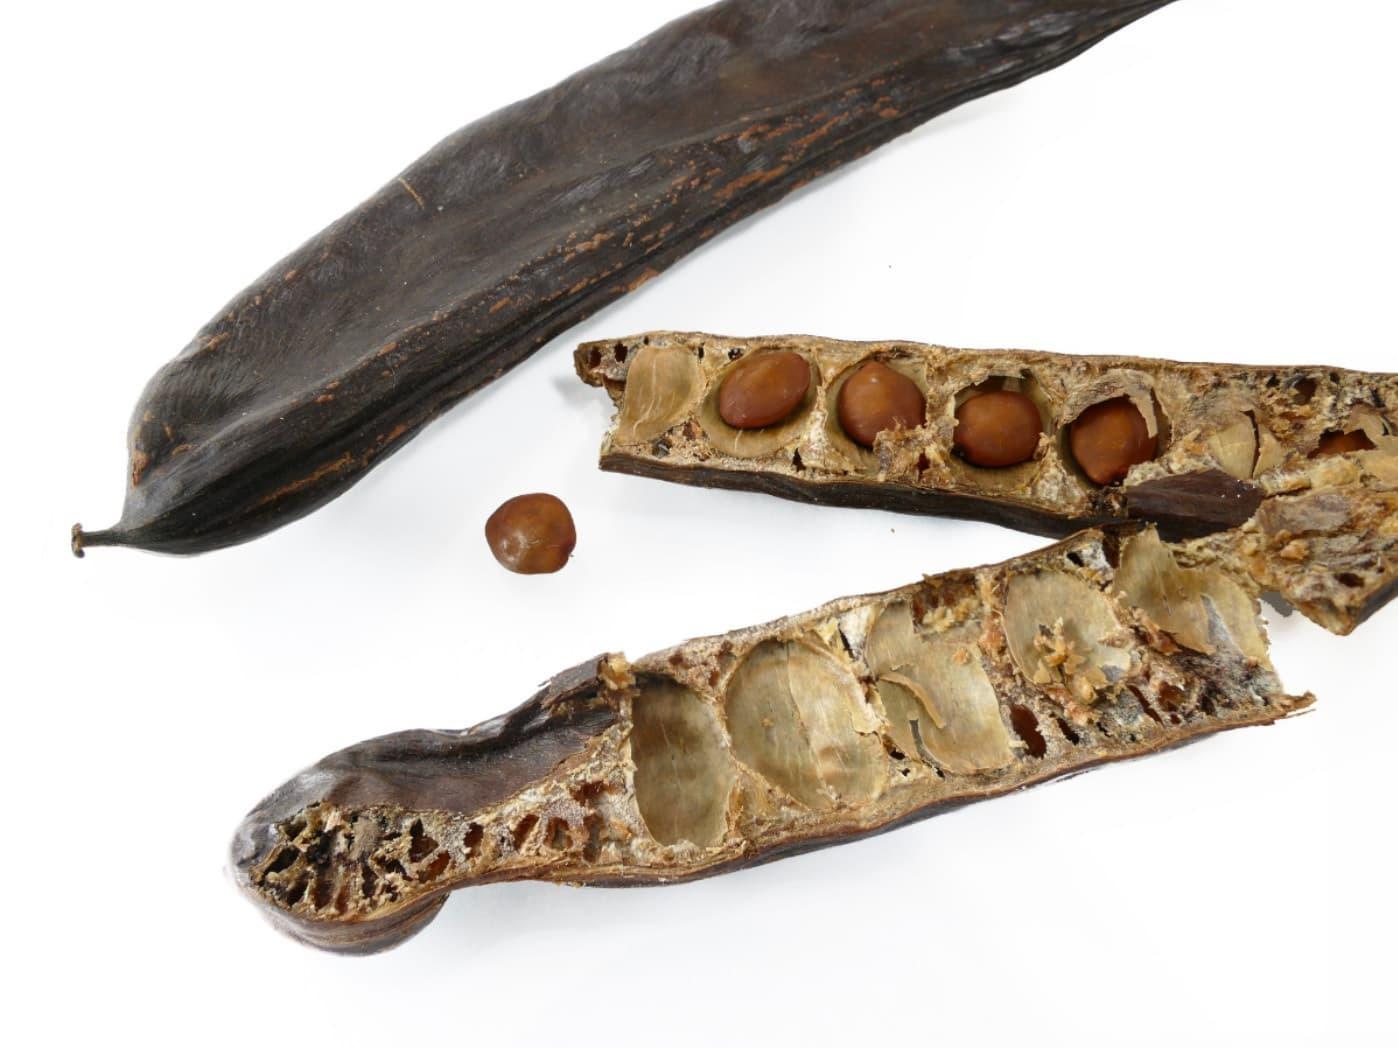 克拉源自於希臘語角豆樹的意思,角豆樹的種子每顆大約就是200毫克。